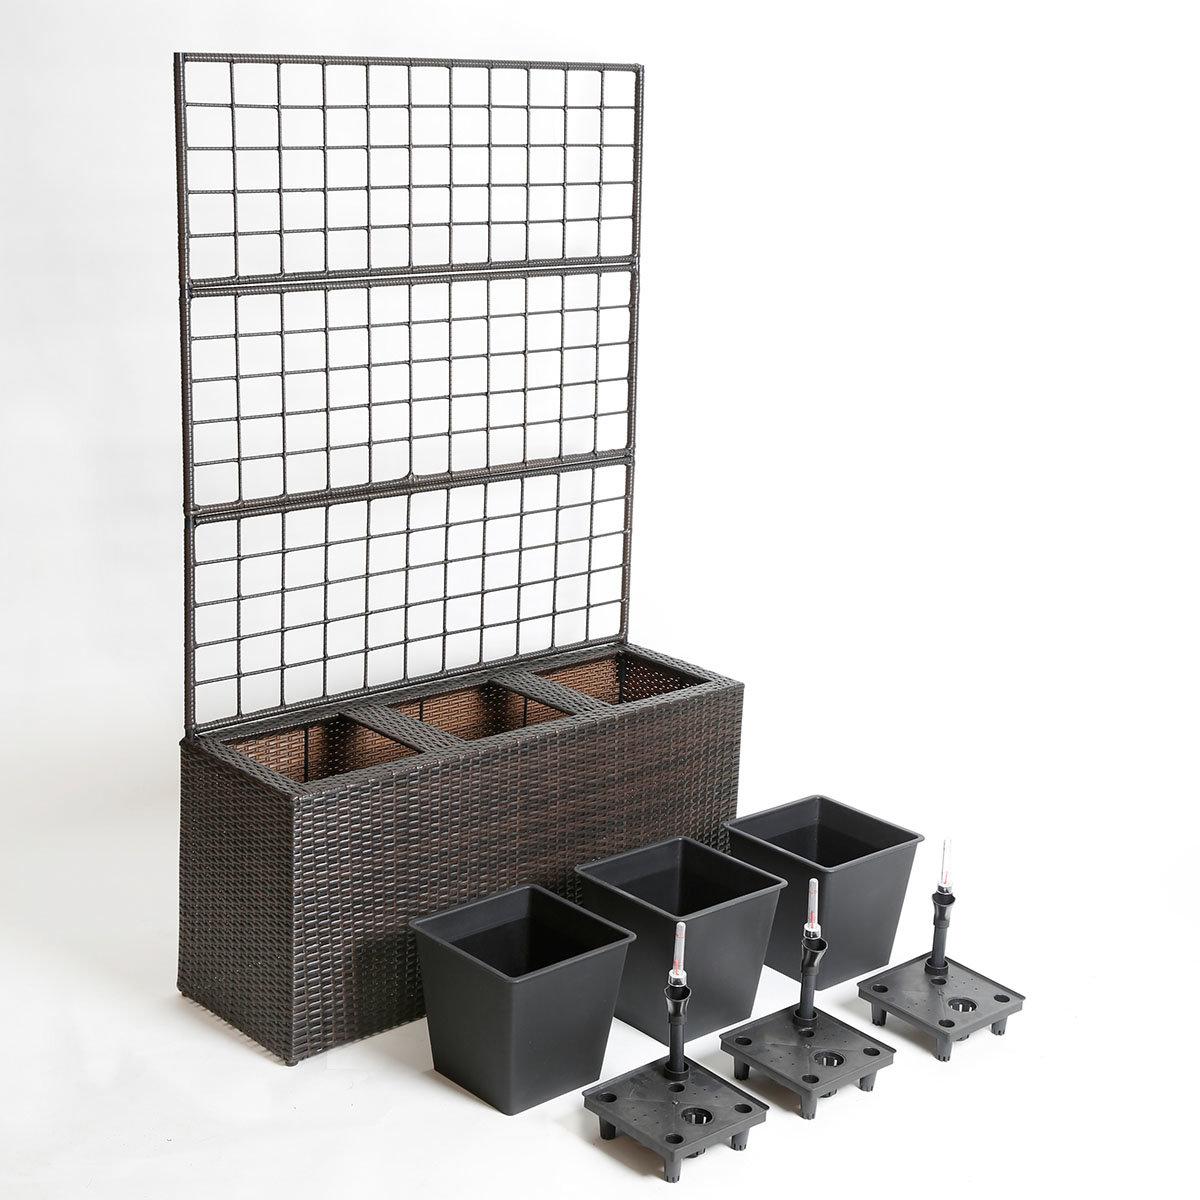 outdoor rattan blumenkasten mit rankgitter und bew sserungssystem rechteckig online kaufen bei. Black Bedroom Furniture Sets. Home Design Ideas